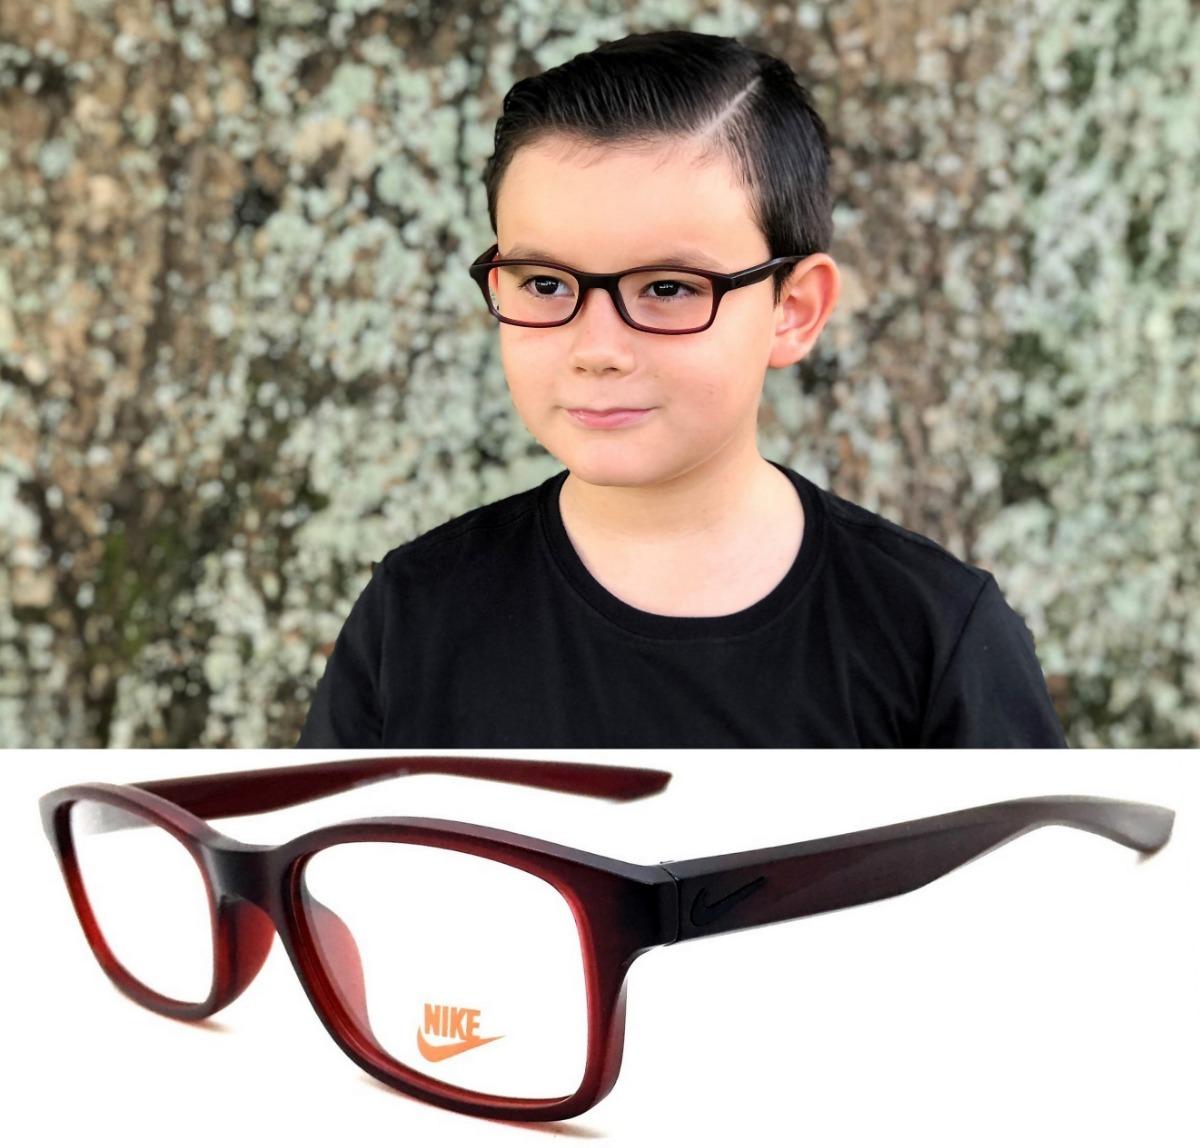 eec7d0d1d6667 armação oculos grau infantil nk5007 original bem resistente. Carregando  zoom.